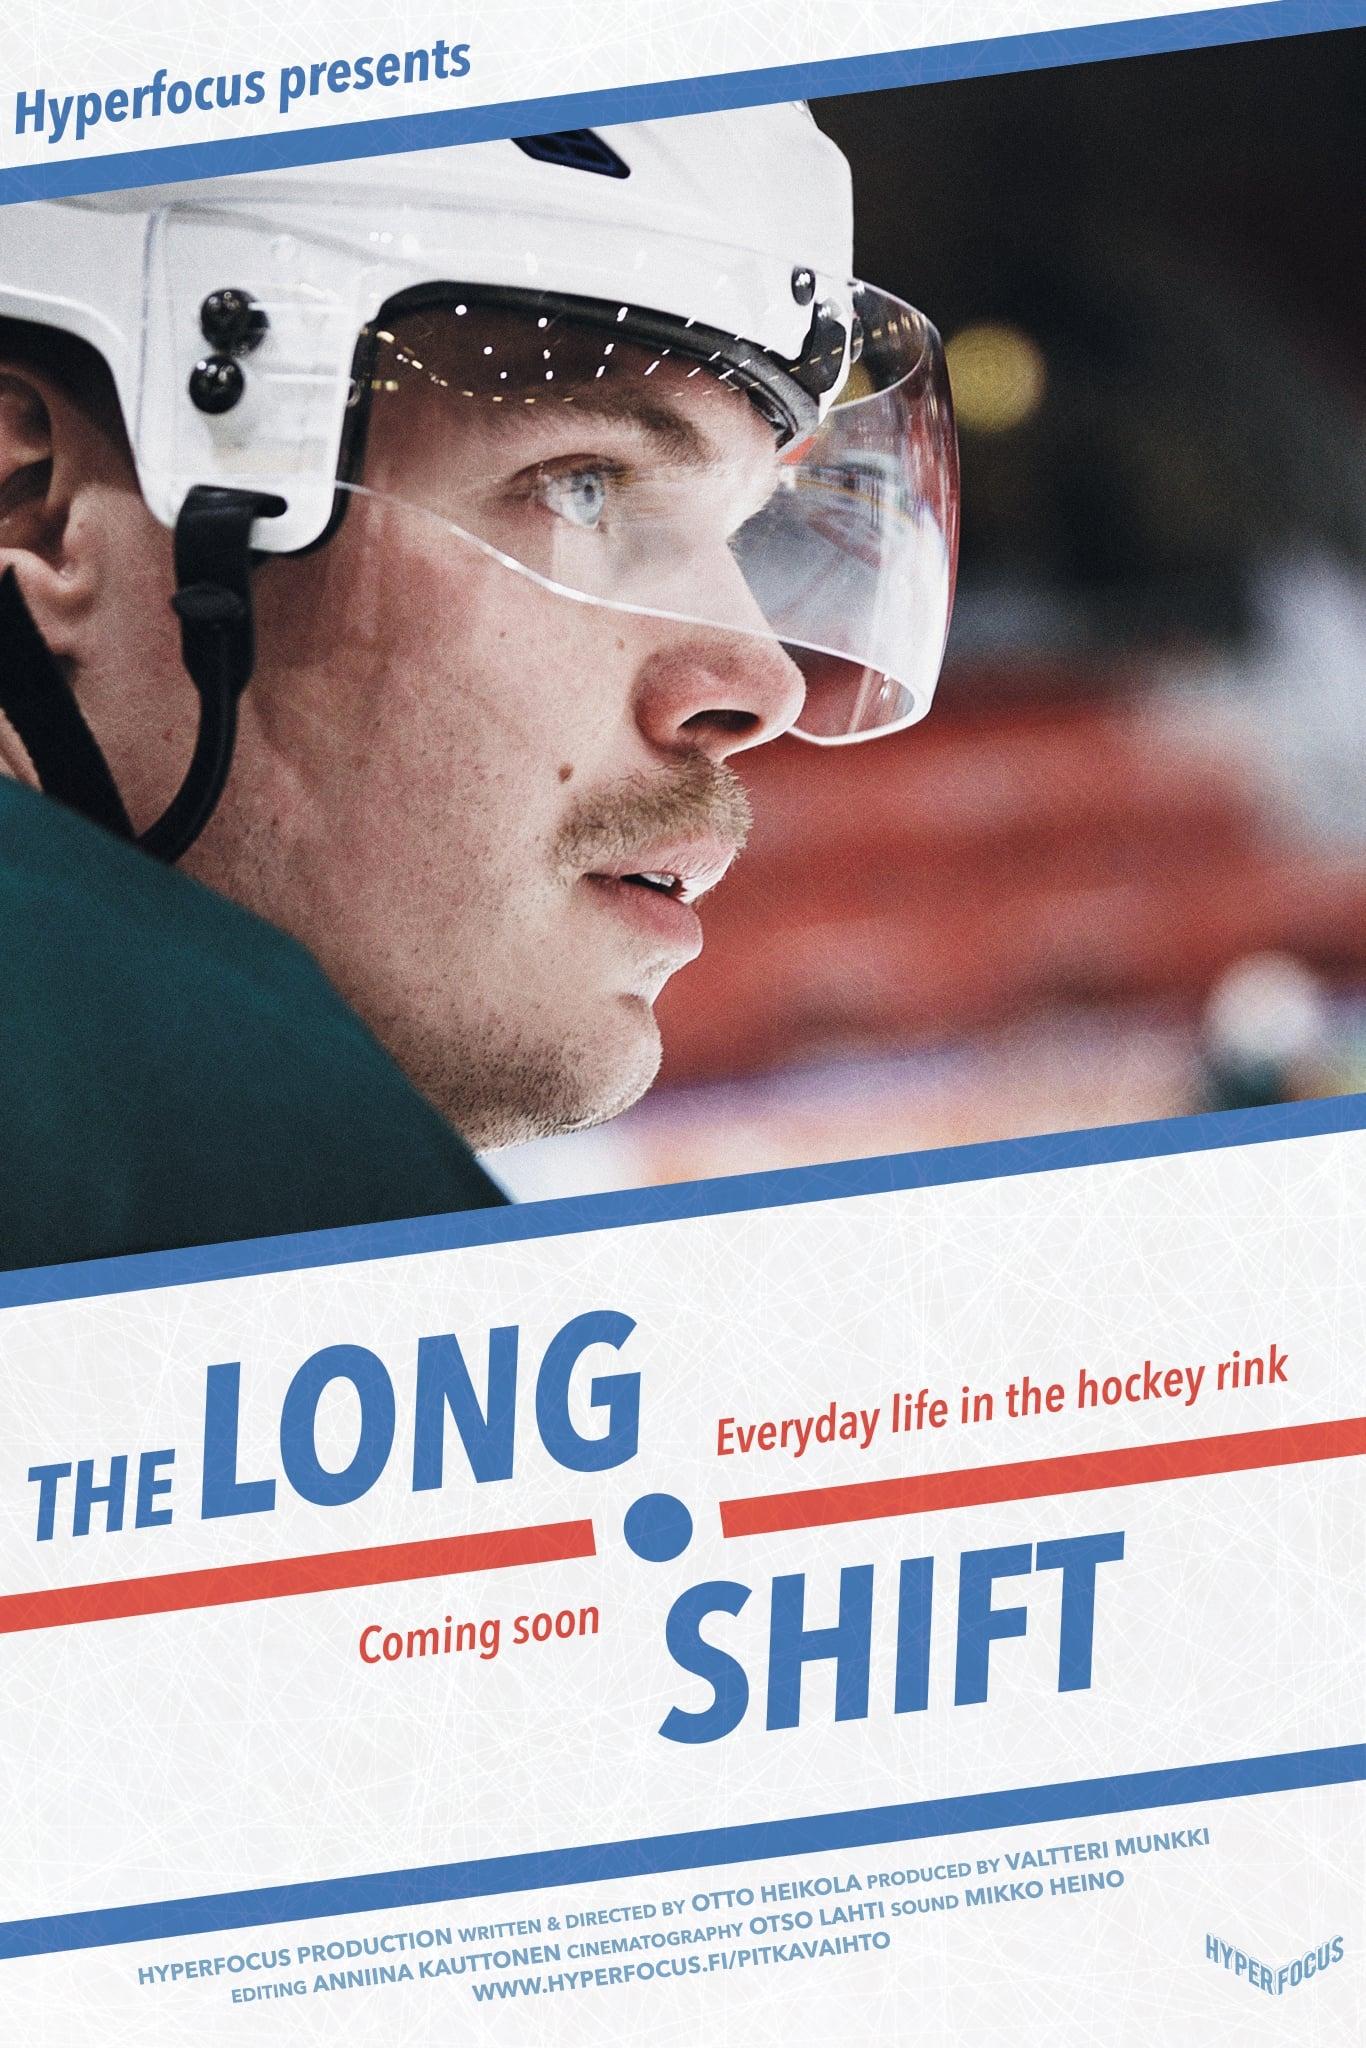 The Long Shift